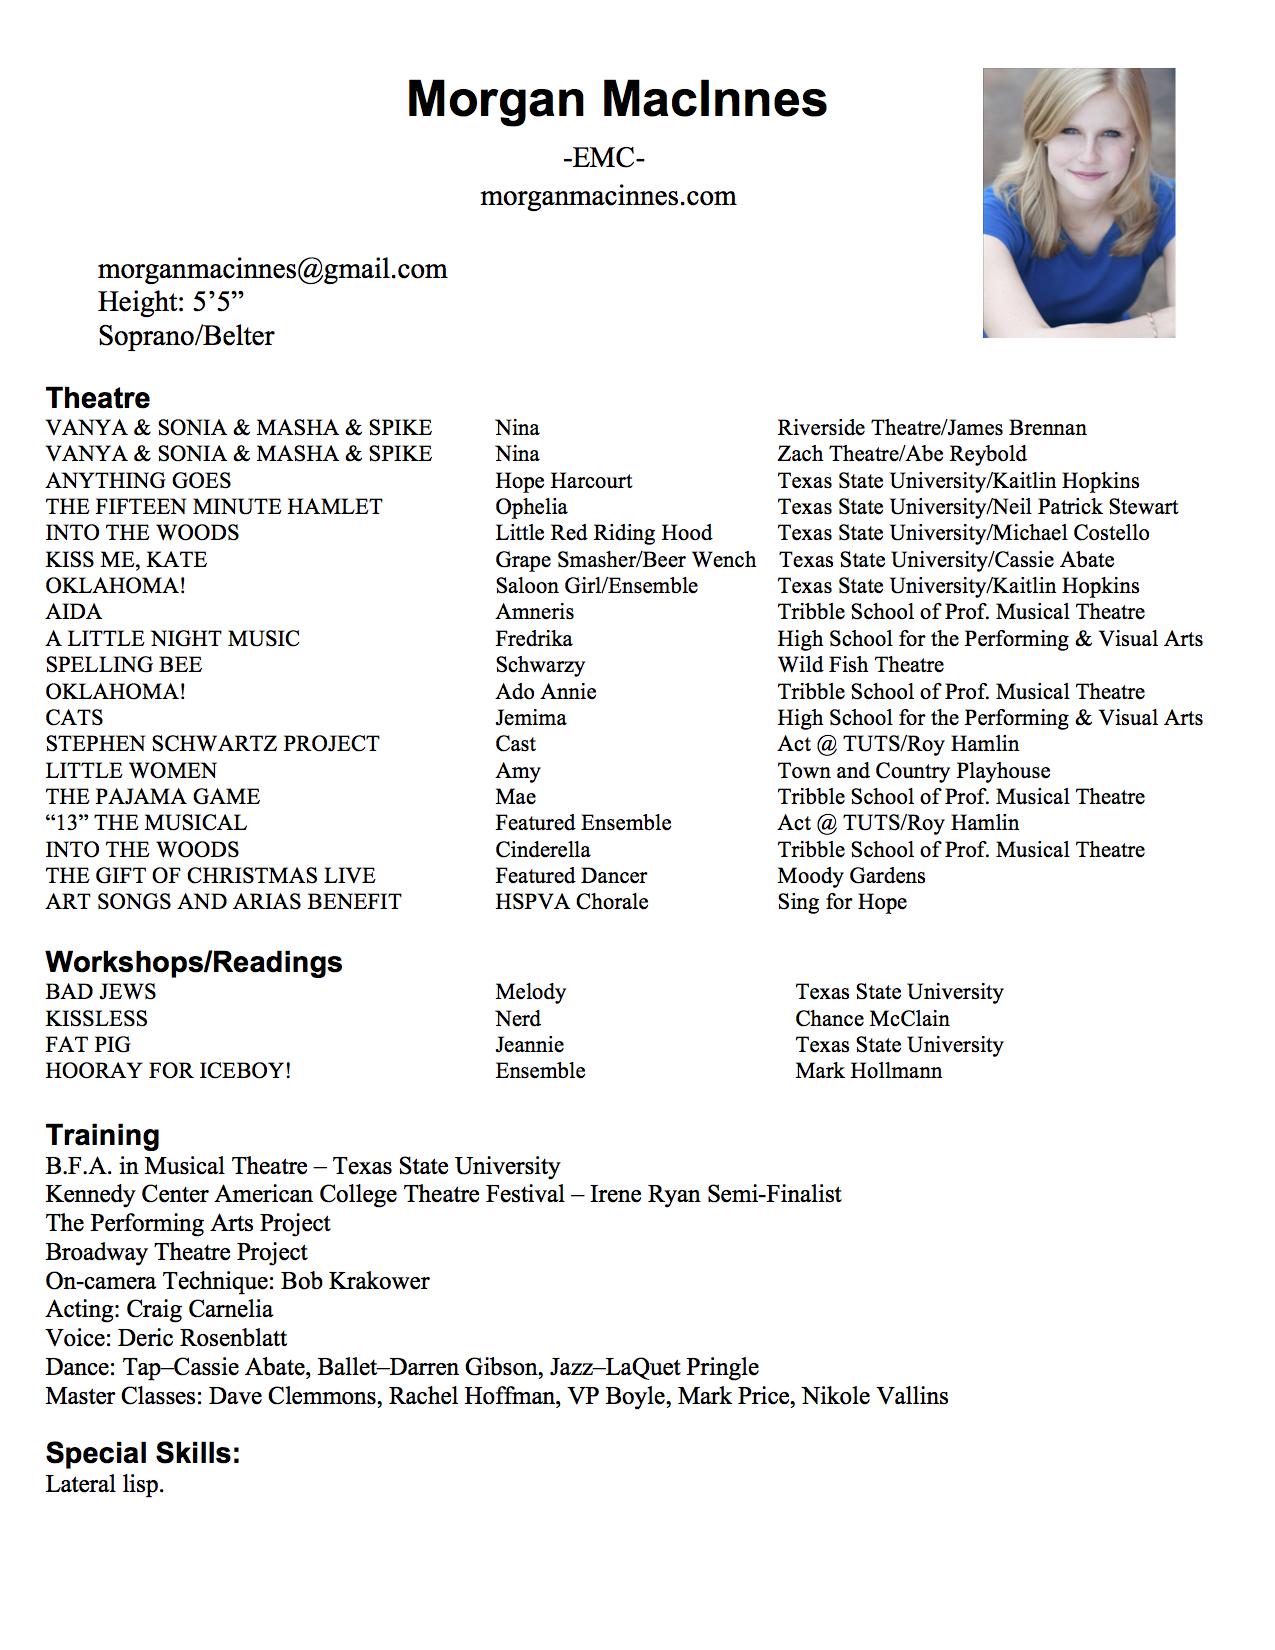 Morgan Macinnes Resume Website.jpg